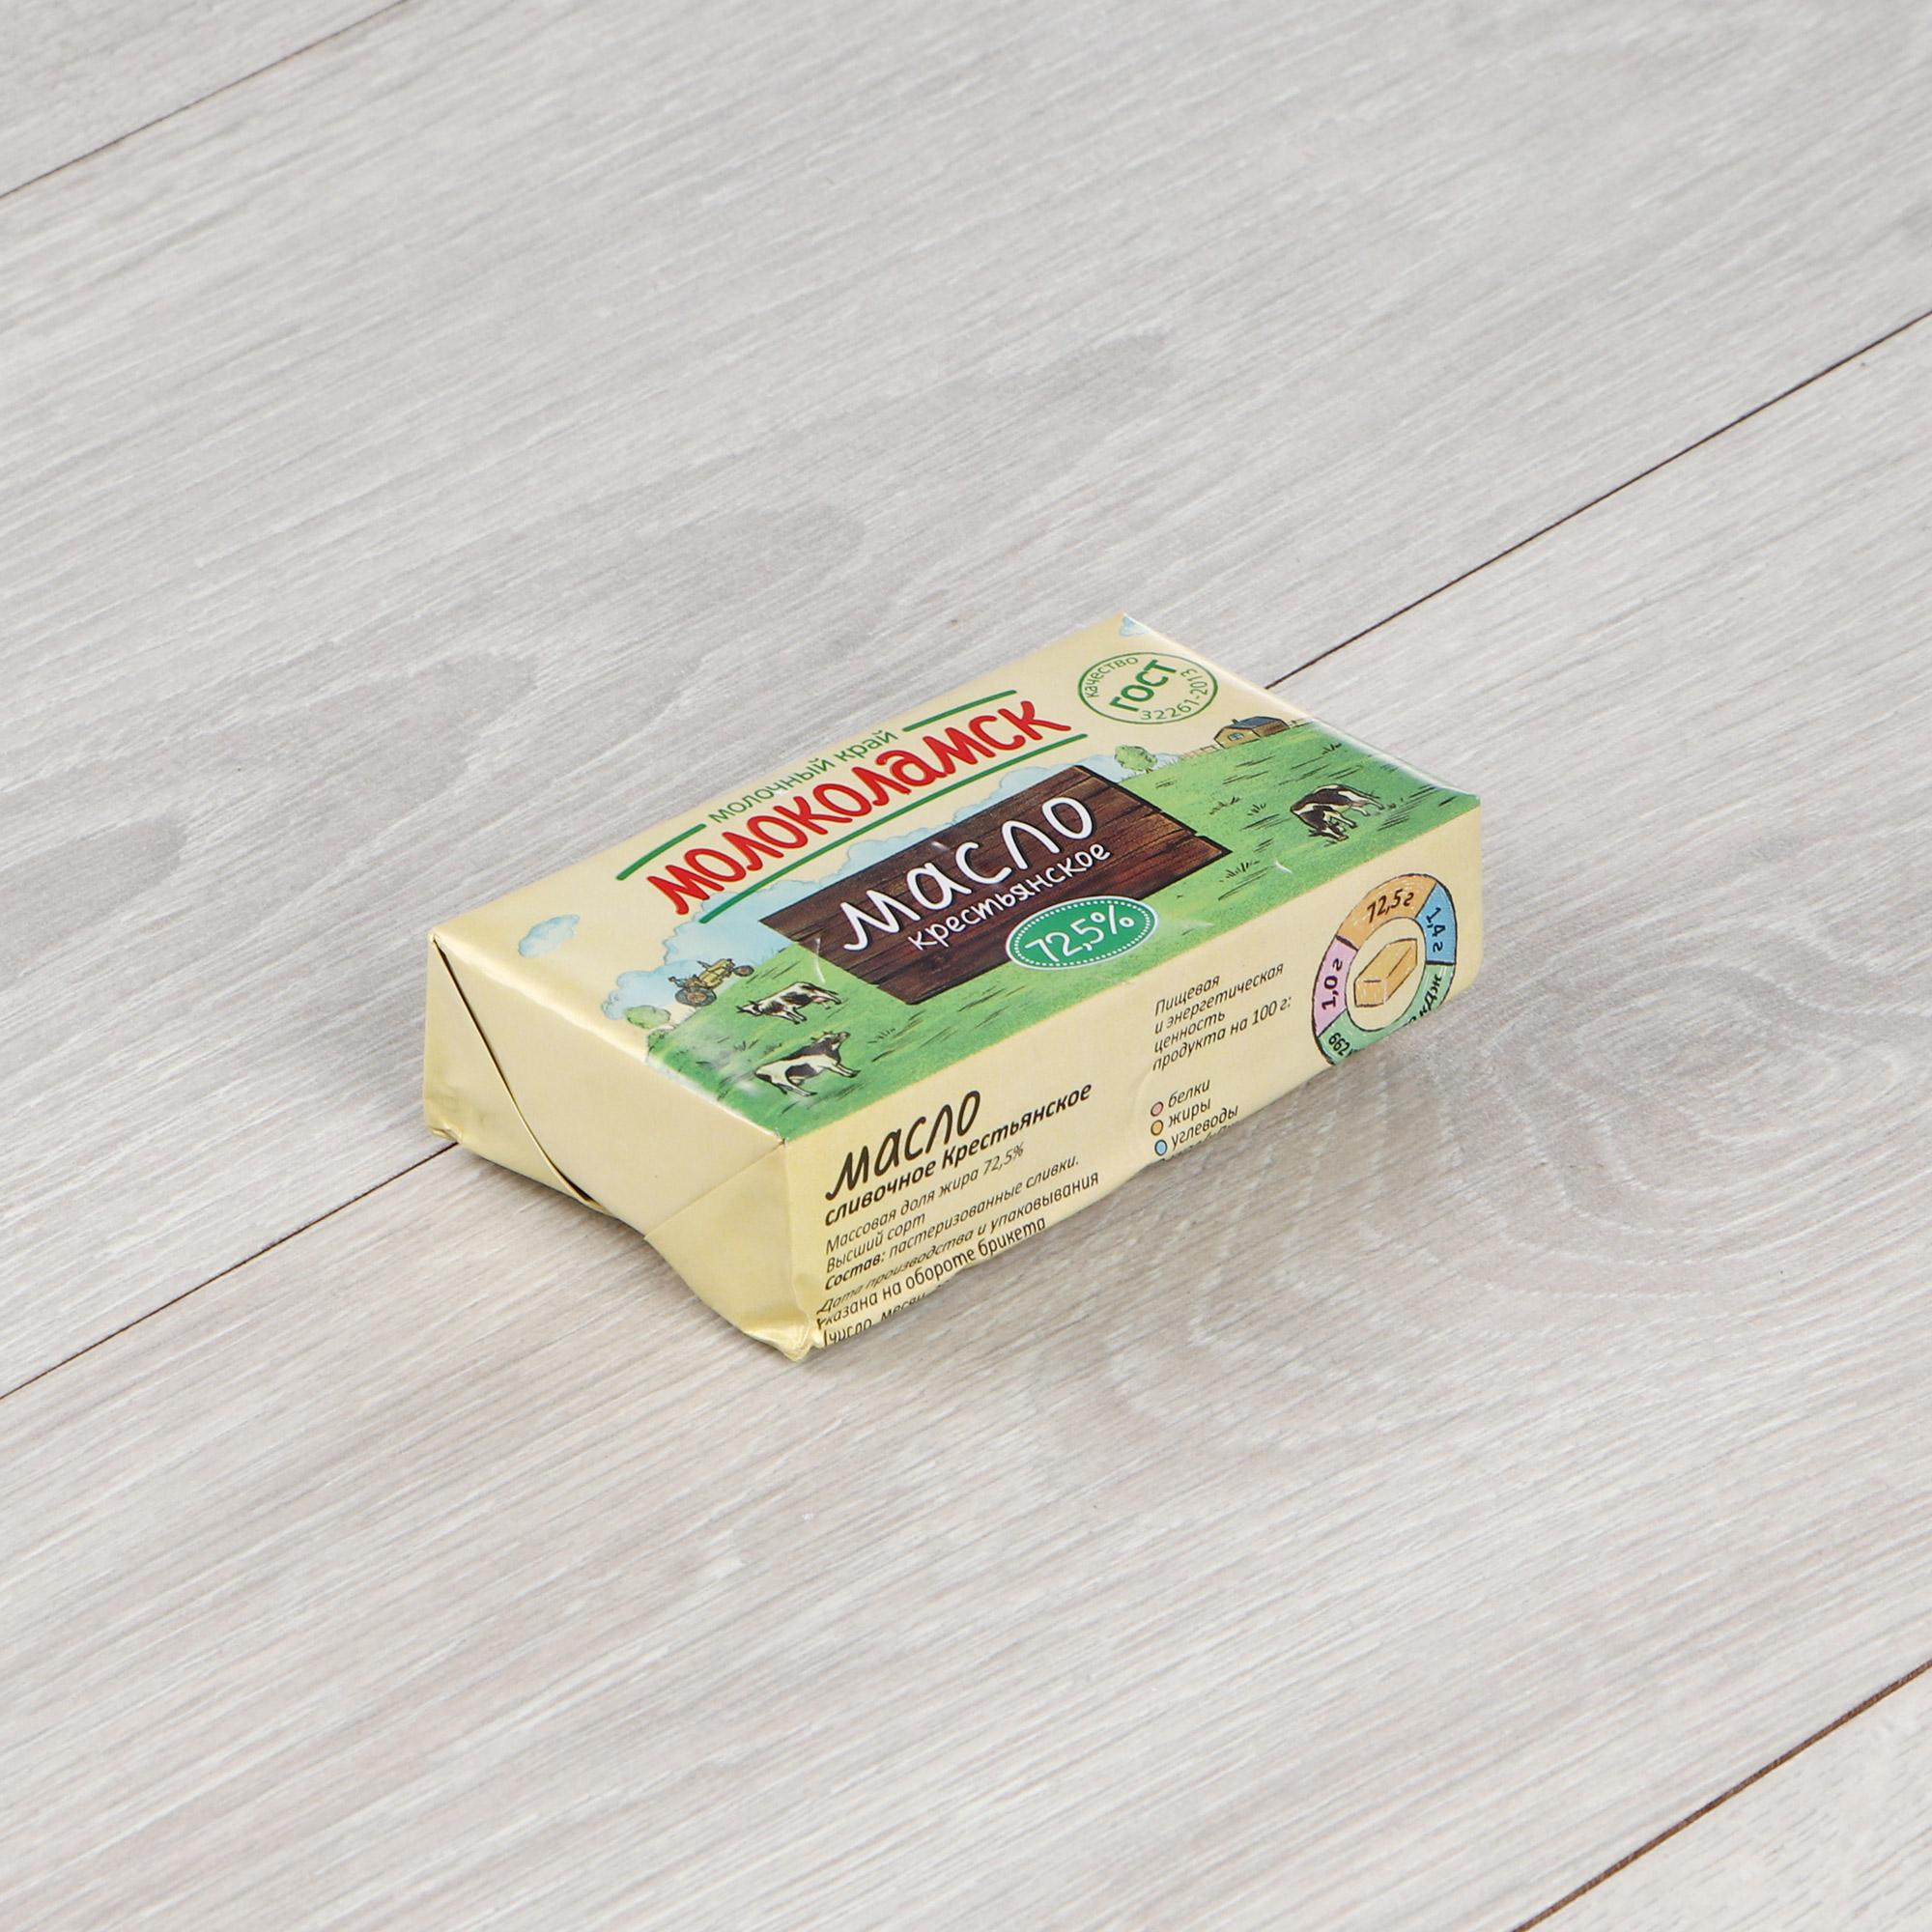 Фото - Масло сливочное Молоколамск 72,5% 180 г масло у палыча сливочное с травами прованса 62% 180 г